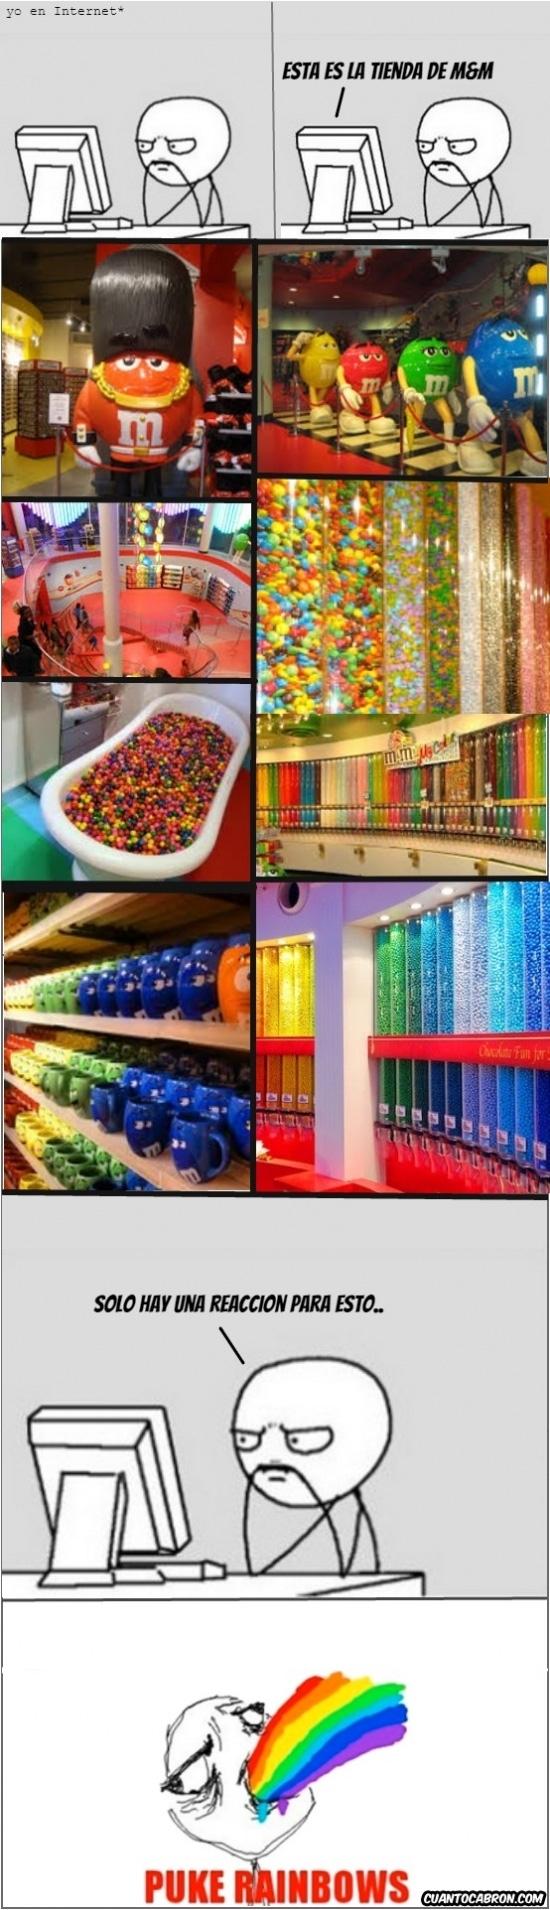 Puke_rainbows - Un mundo de color, demasiado color